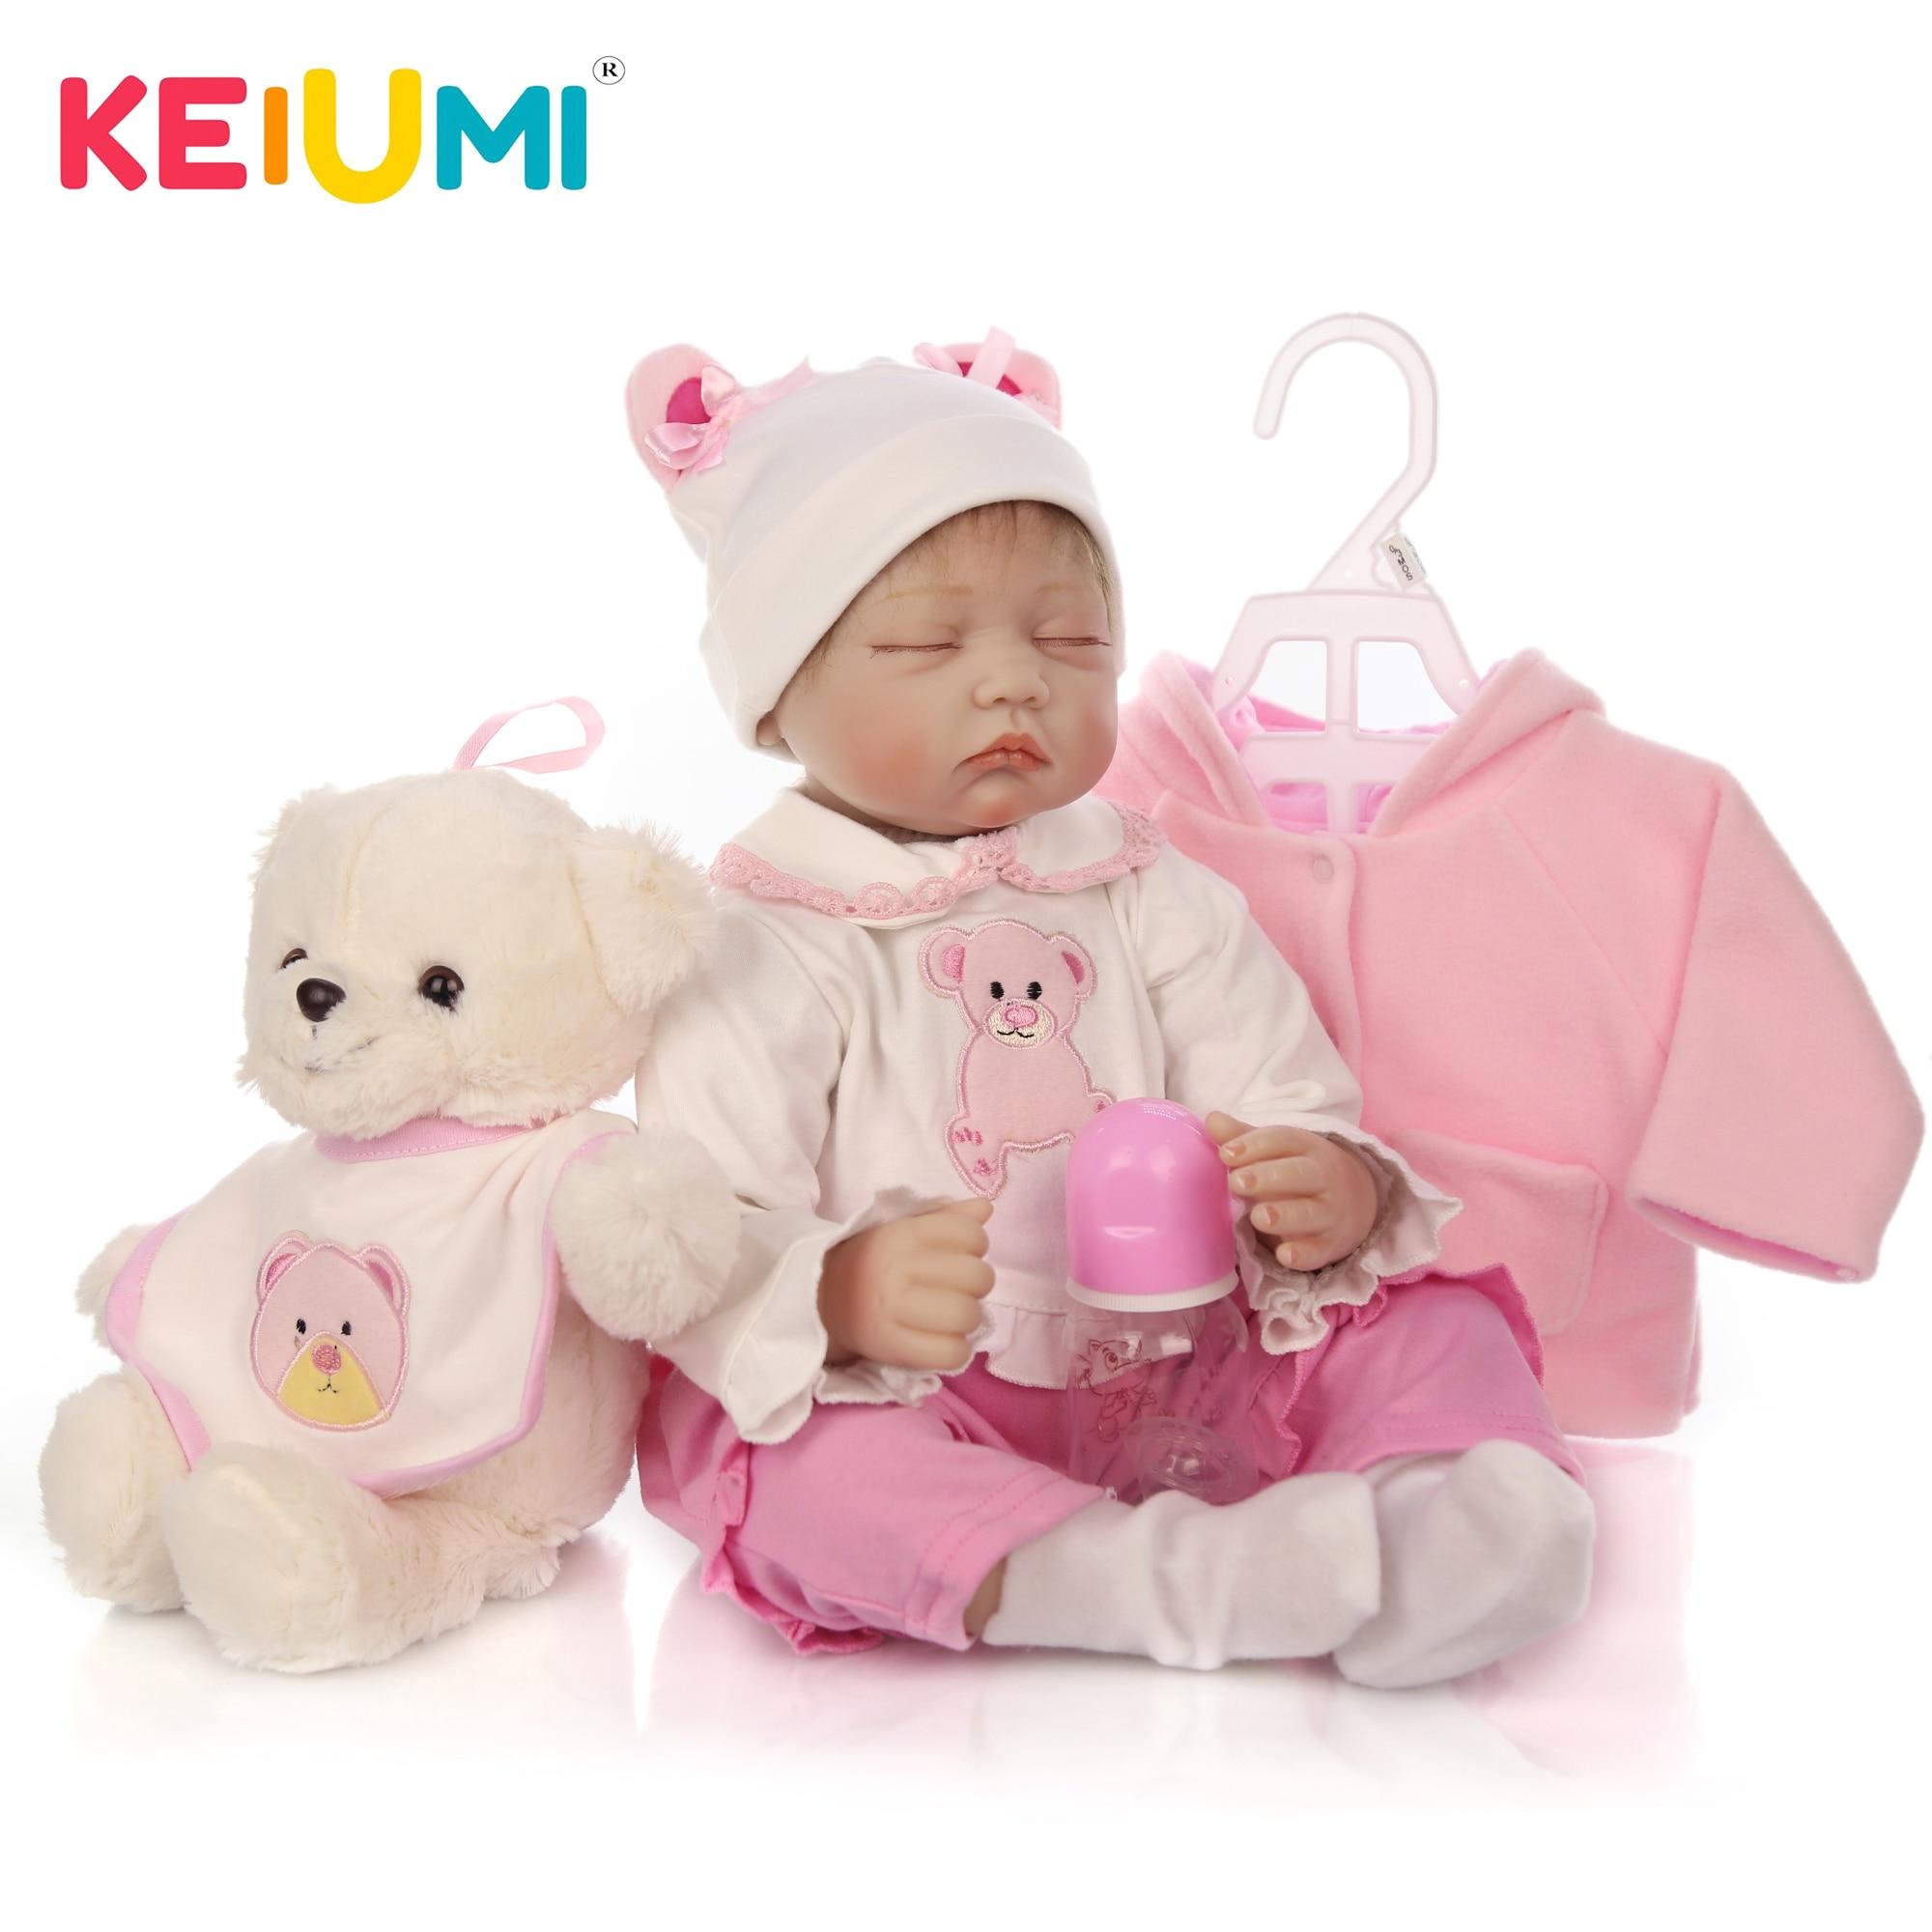 KEIUMI Lifelike 23 Reborn Baby Doll Boy Full Body Silicone Vinyl Asleep In Basket 57 cm